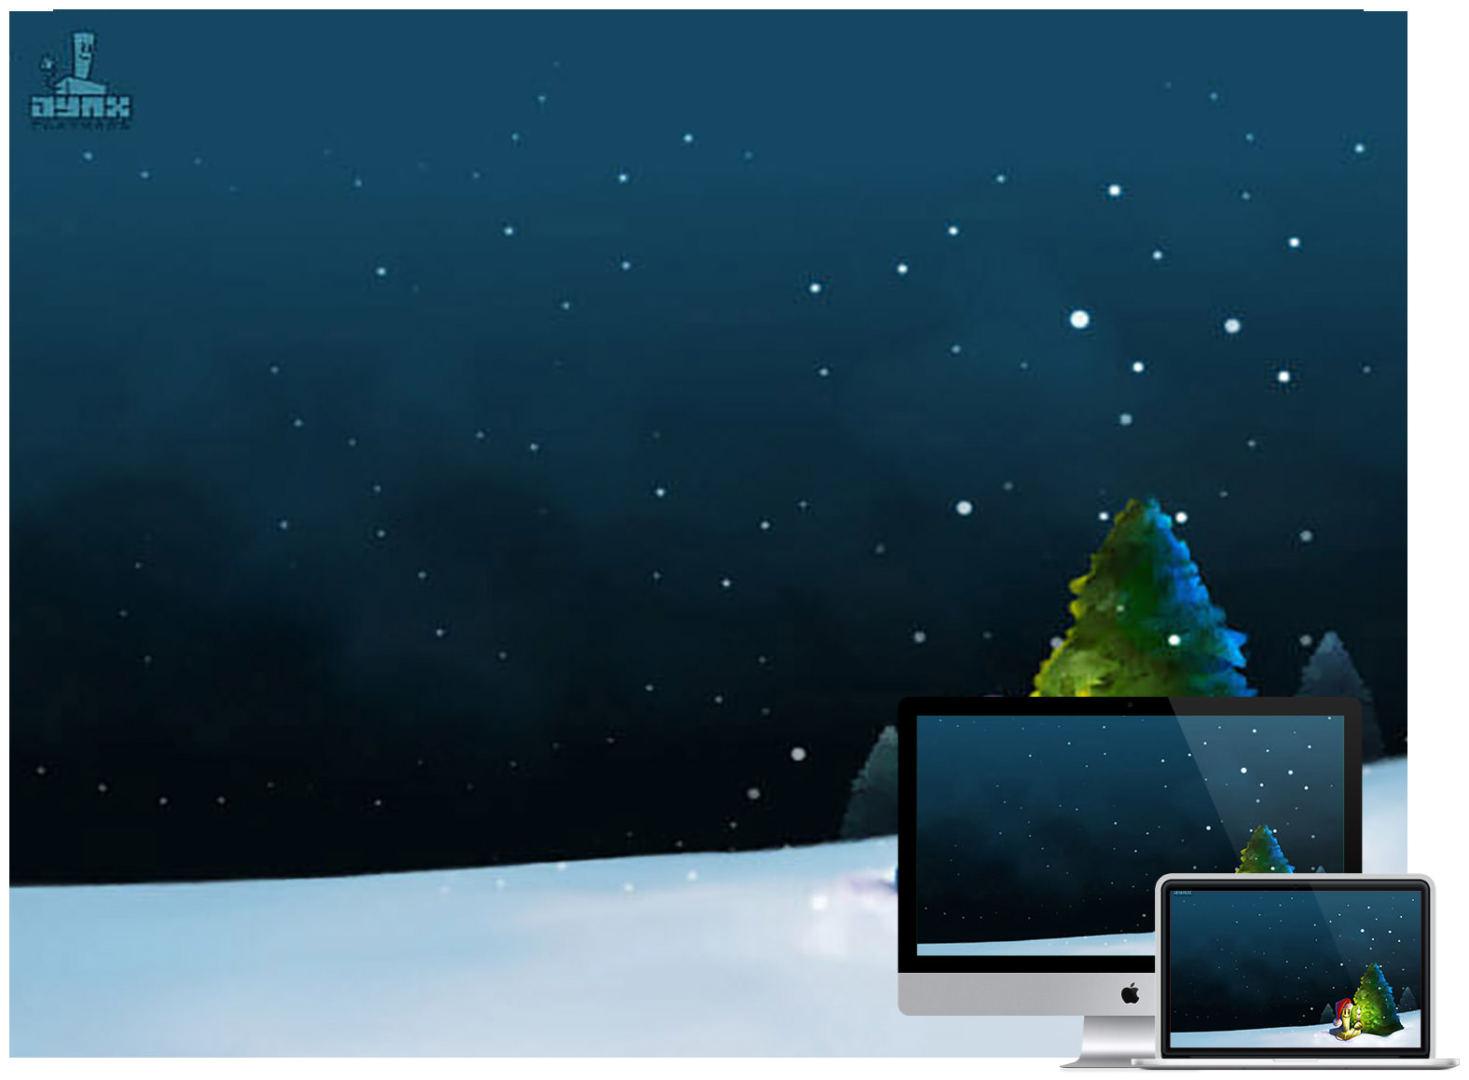 jynx playware christmas wall